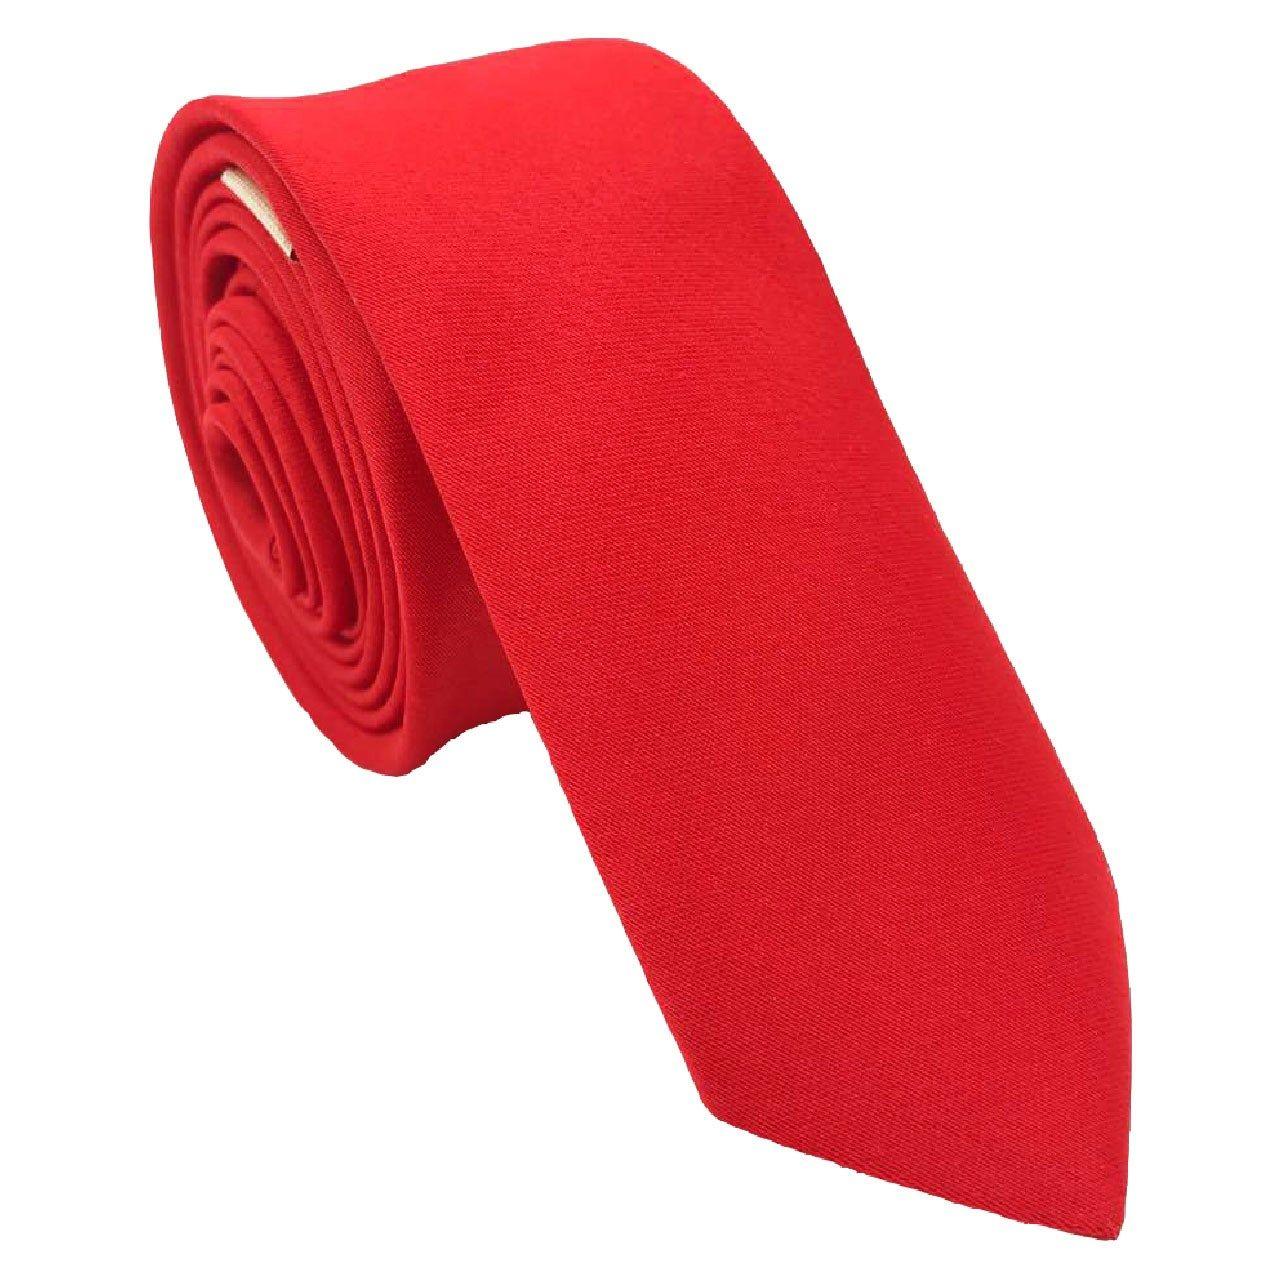 کراوات ساتن ساده هکس ایران مدل KS-RED -  - 1